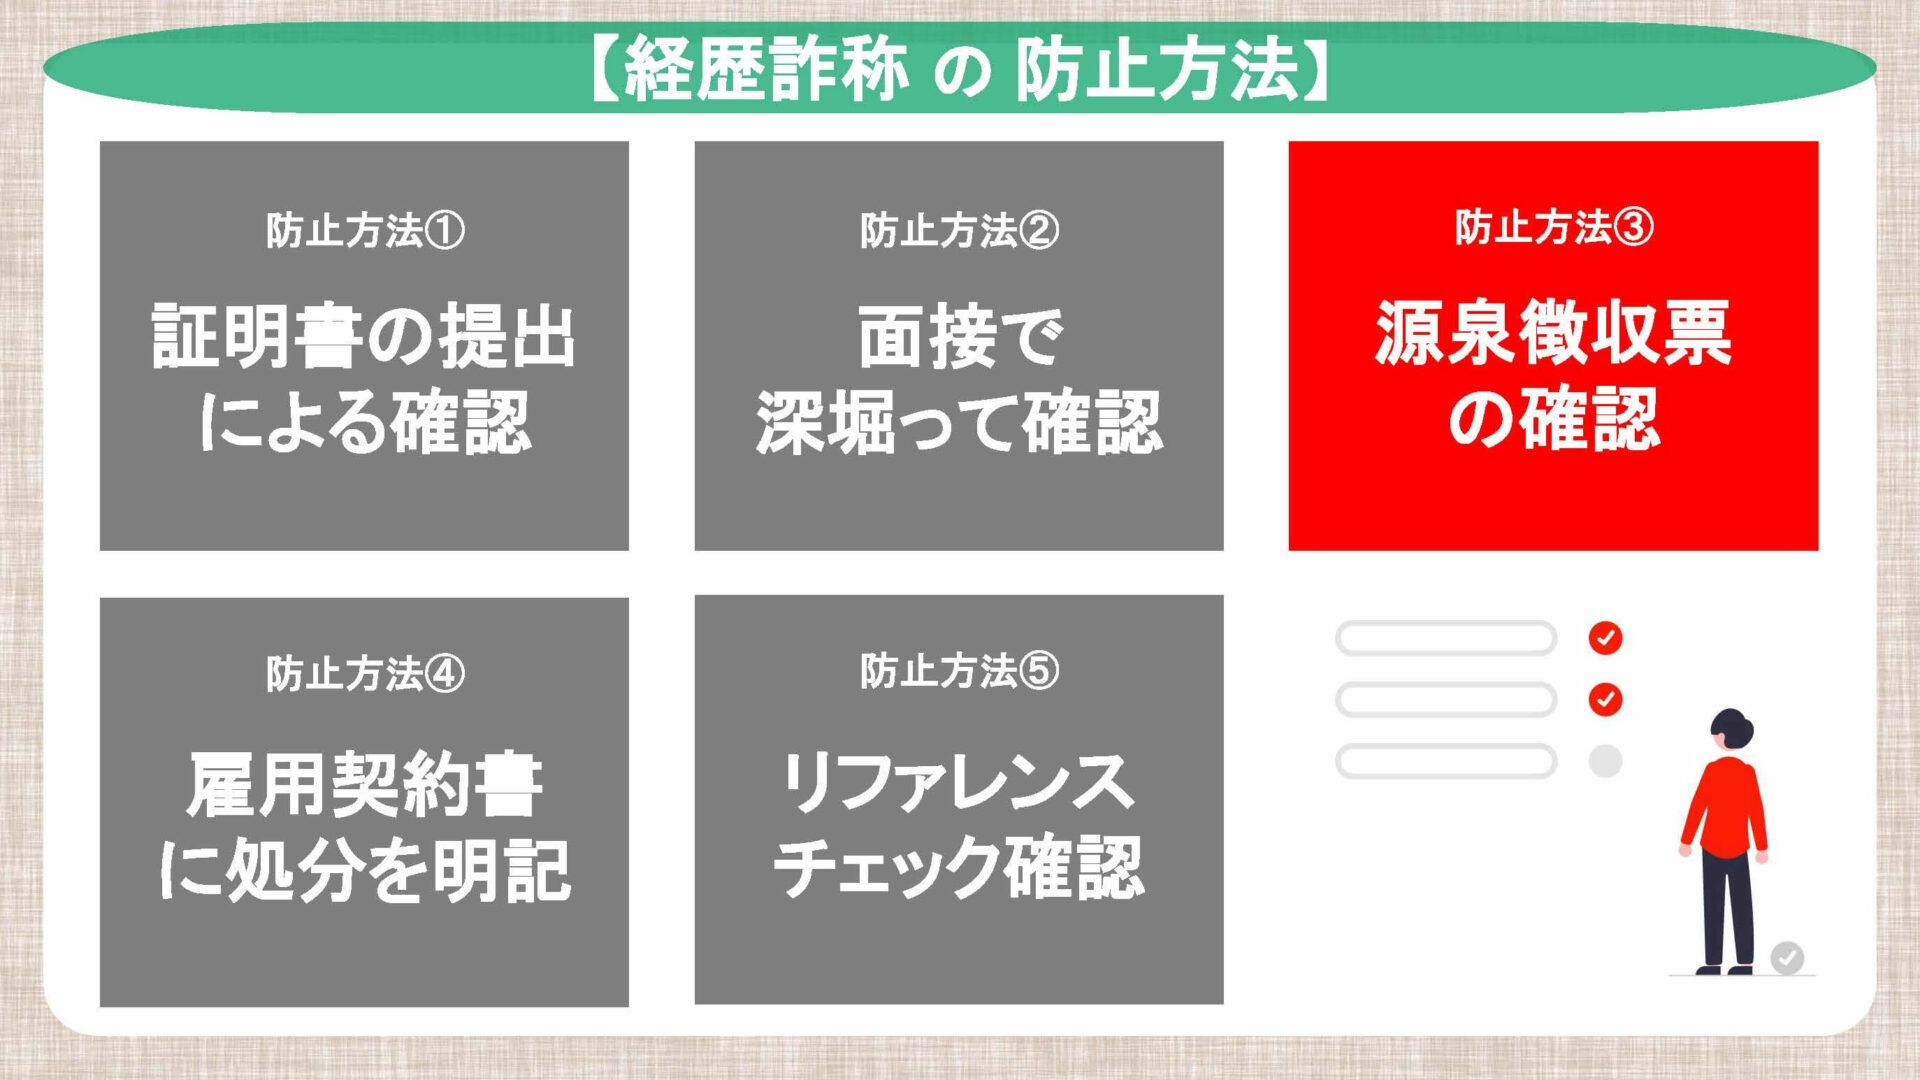 経歴詐称の防止方法:源泉徴収票の確認